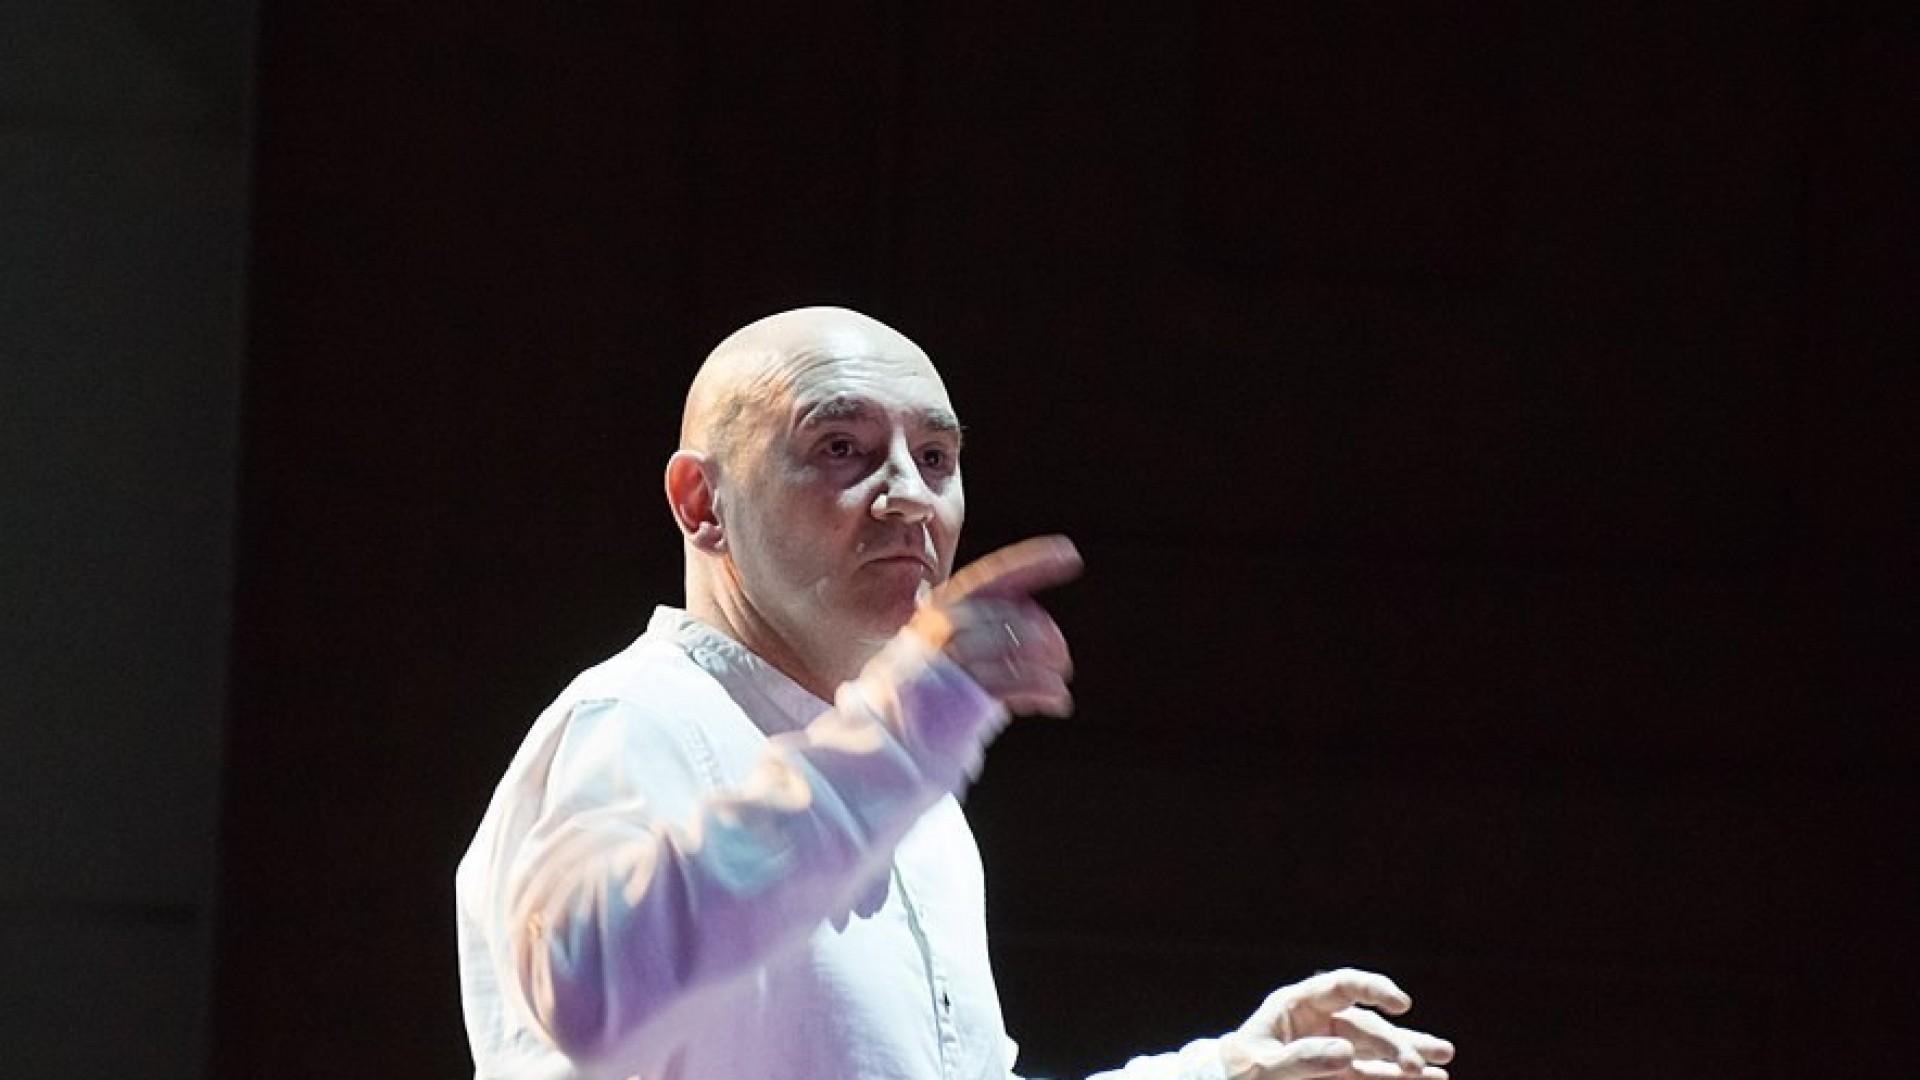 Игорь Тюваев: «С первых двух нот я слышу: пришёл человек показать свой голос или музыку, которую он поёт»